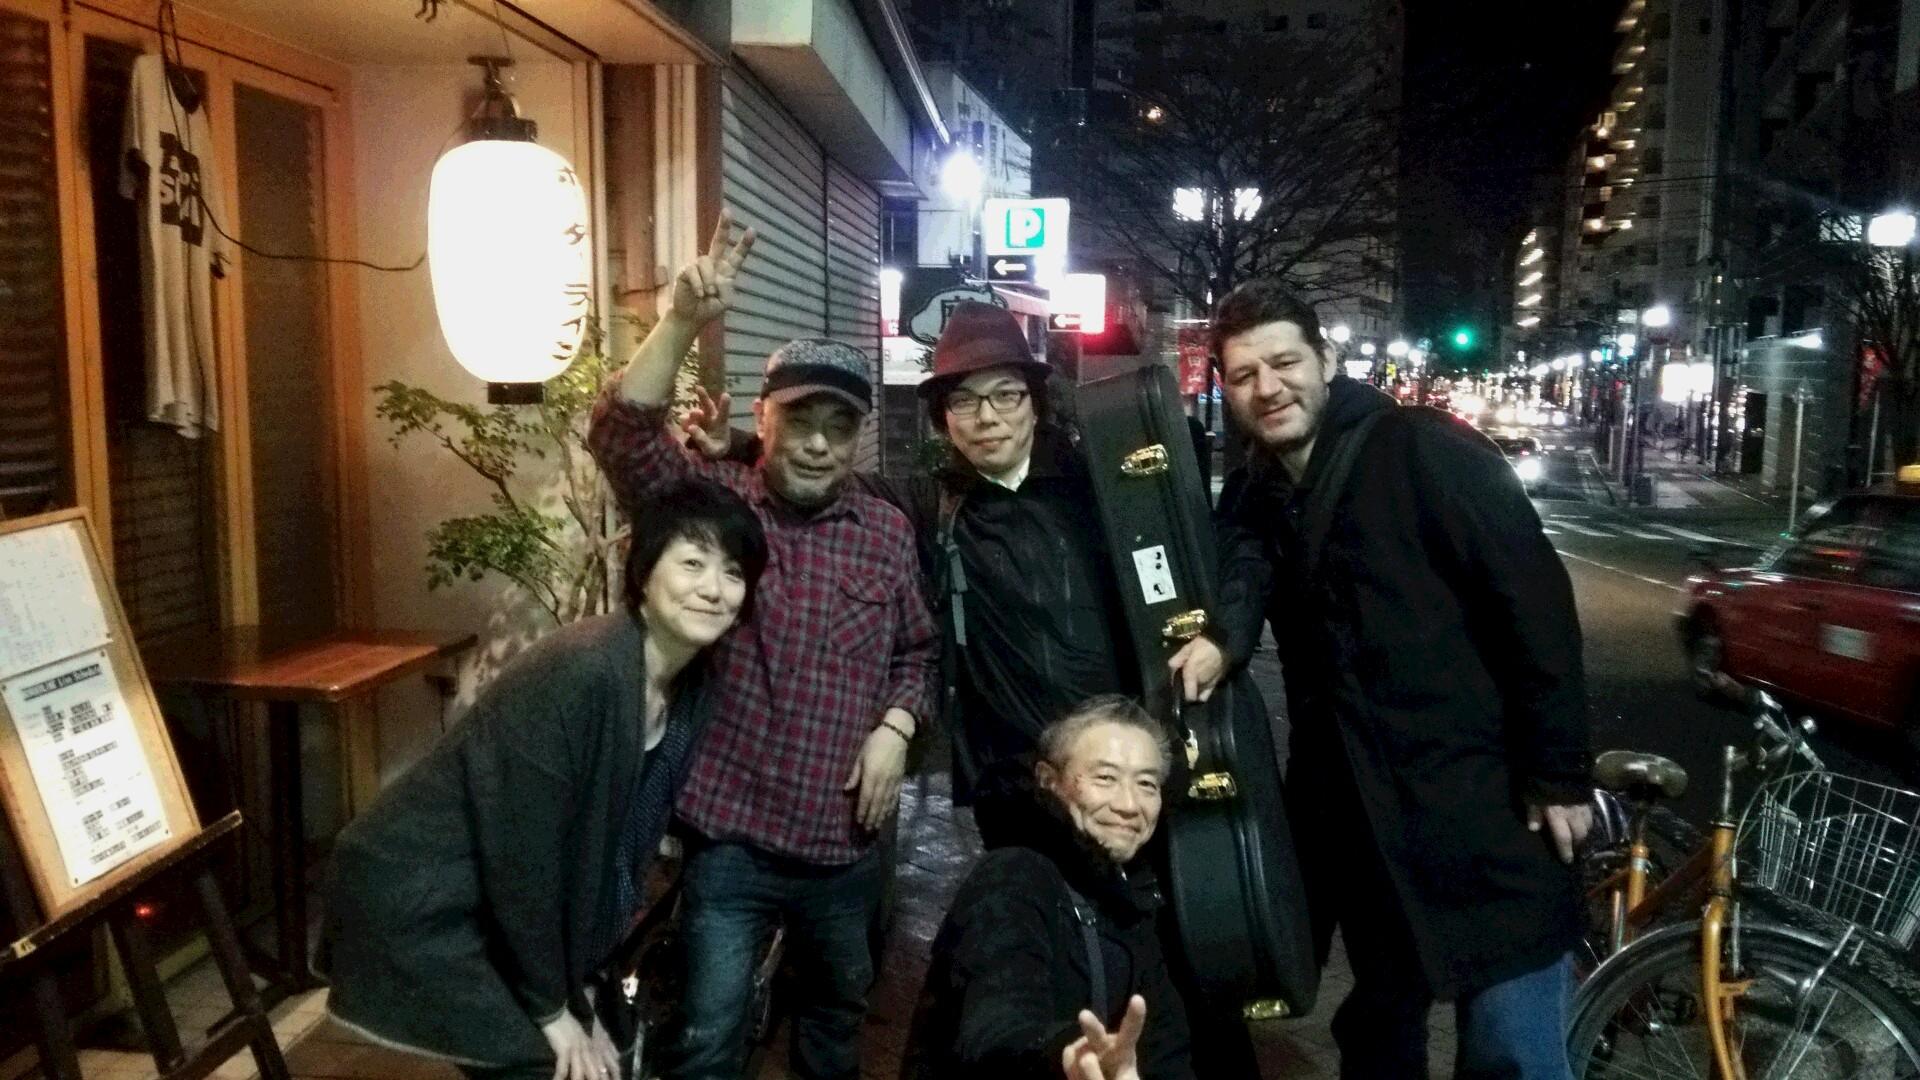 野毛と狸小路のコラボな夜&横浜観光★才谷屋のモーリーさんとあんさんが来ました!